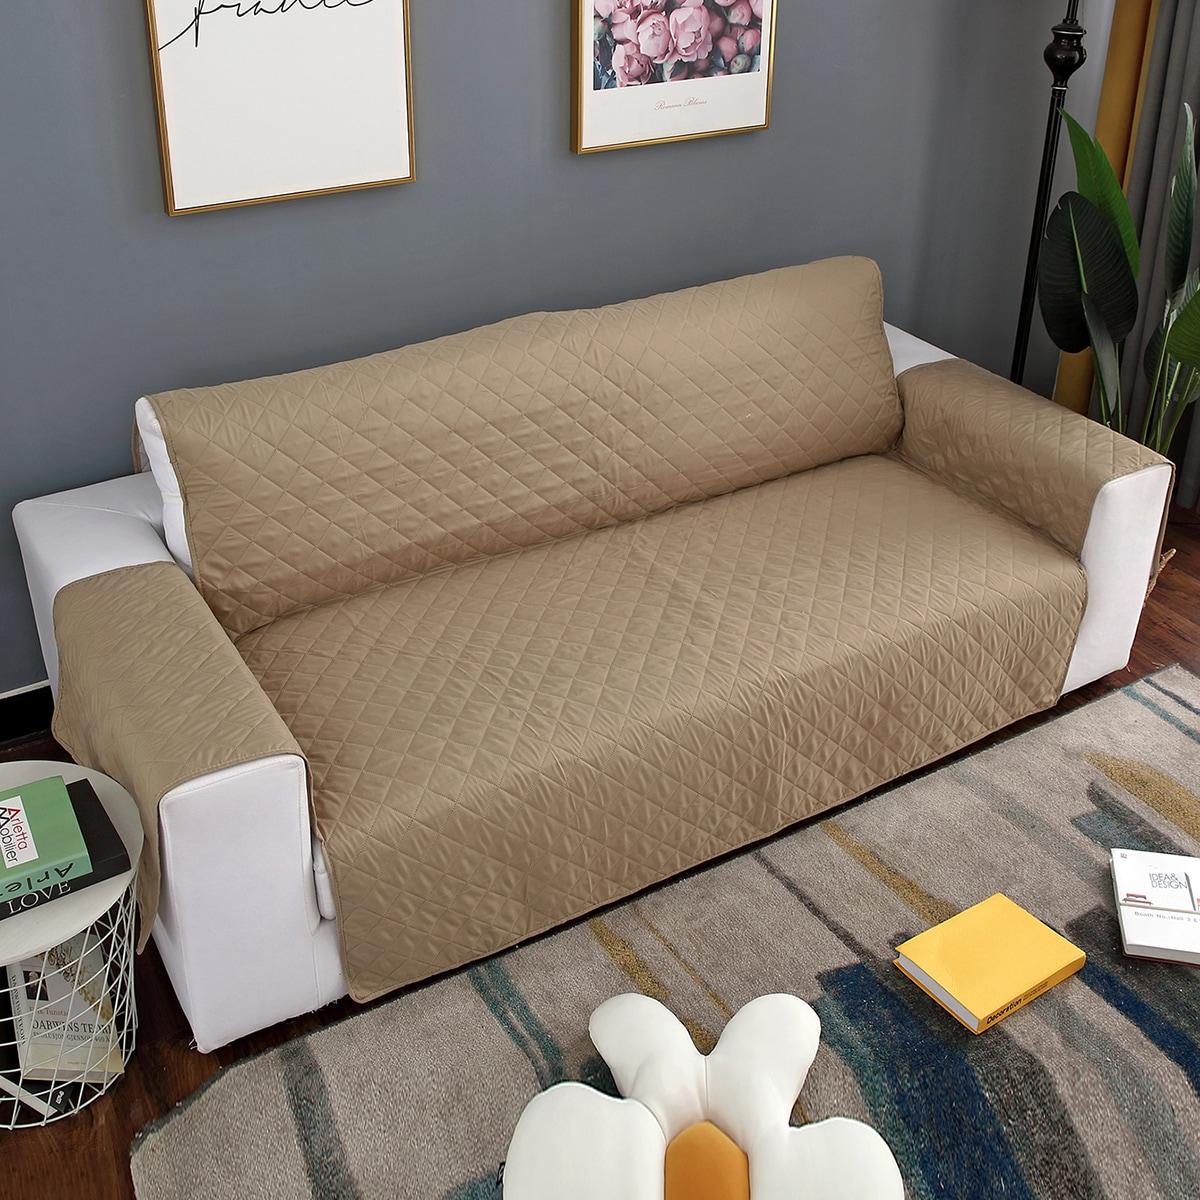 Обычная водонепроницаемая подушка для дивана